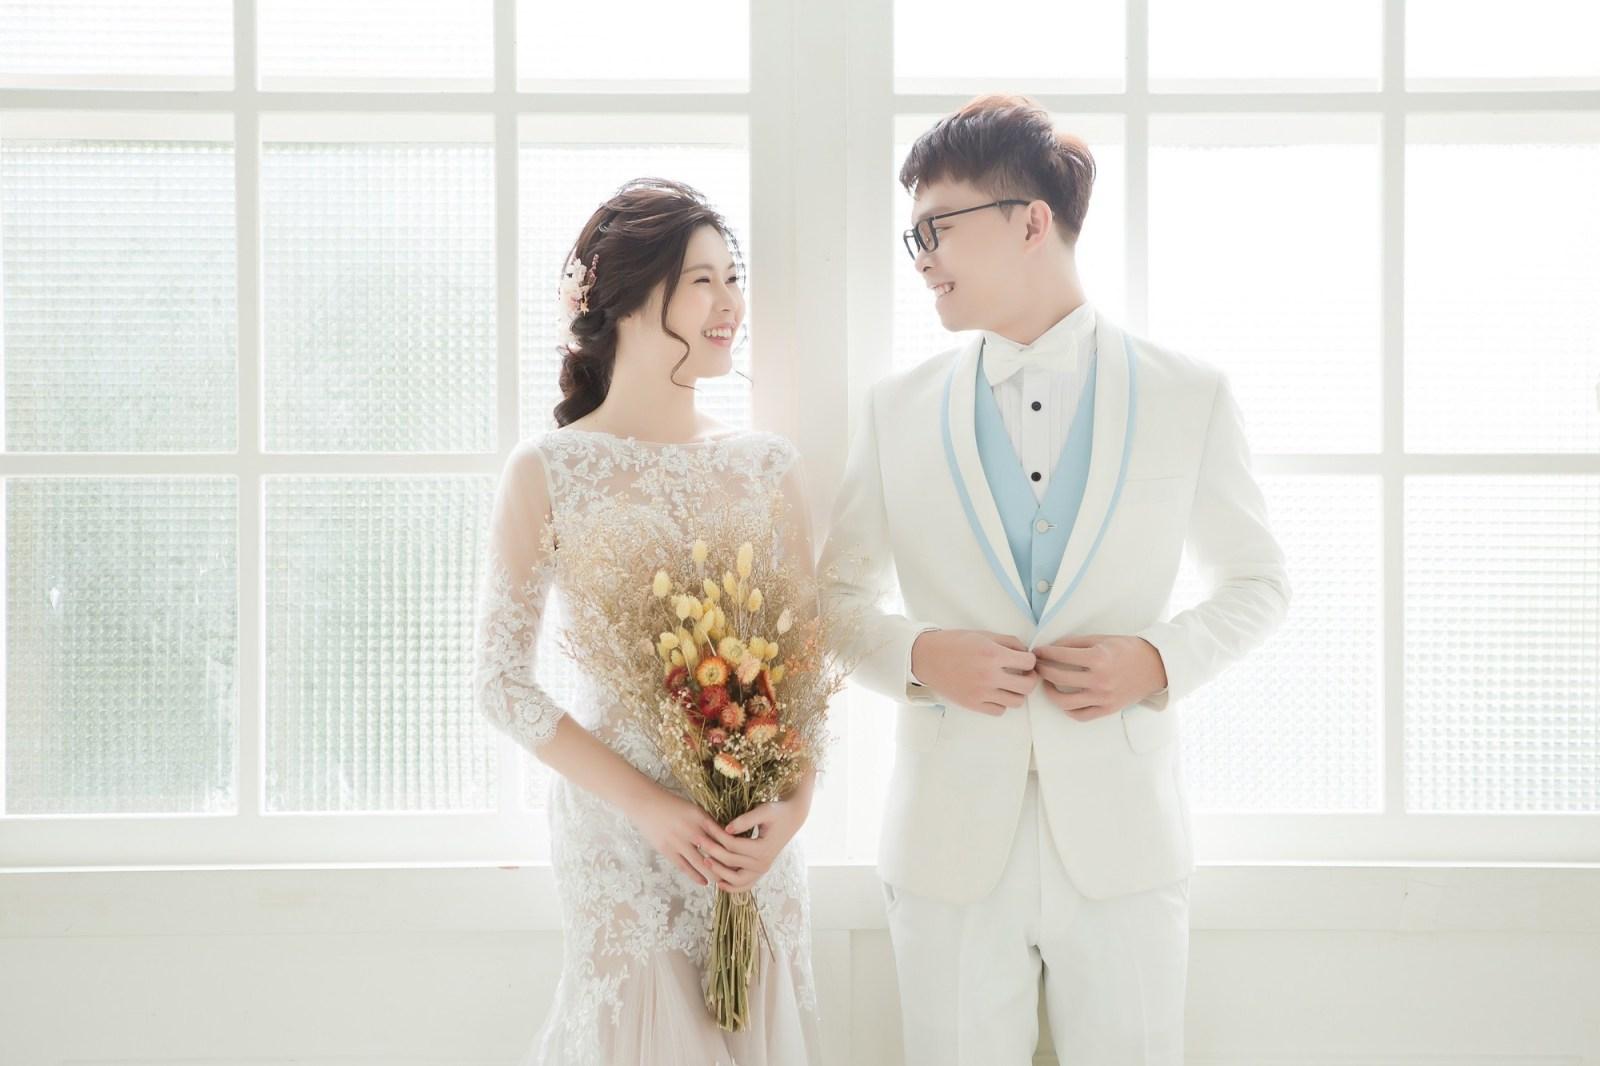 手工婚紗,婚紗攝影推薦,婚紗照風格,手工白紗 臺中,白紗推薦 臺北